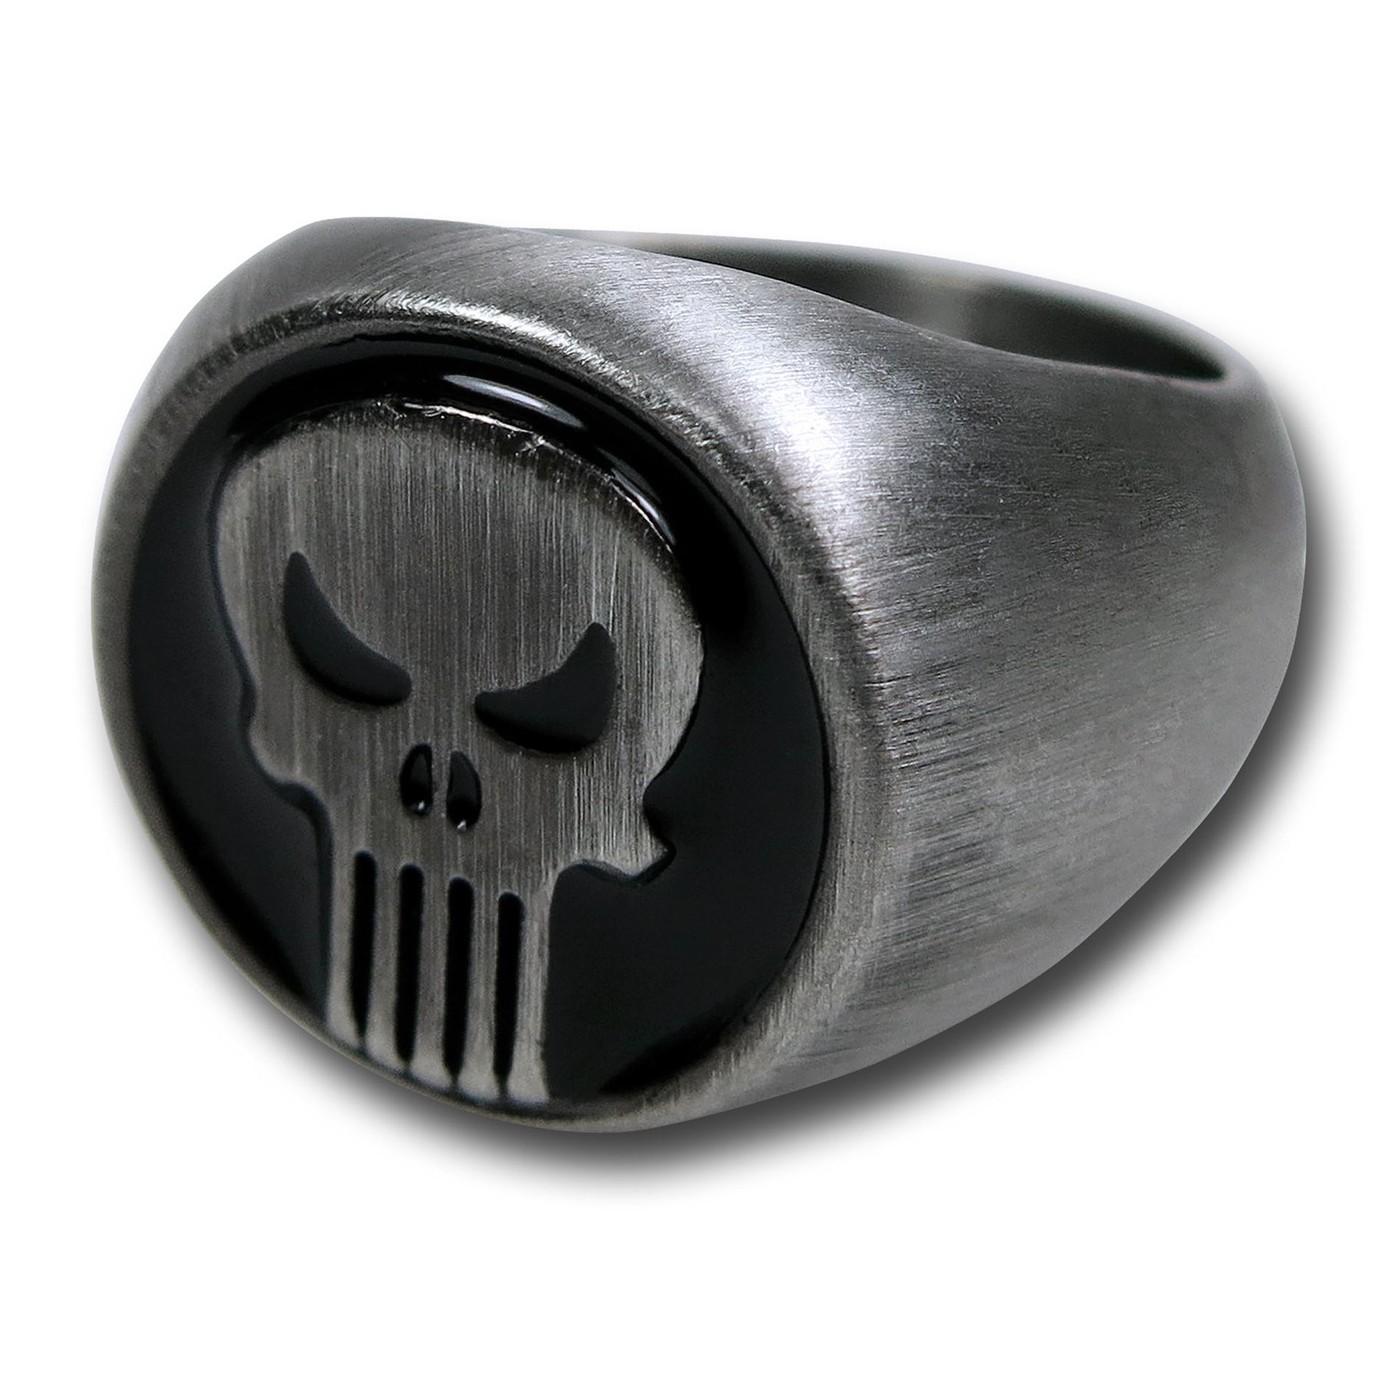 Punisher Brushed Nickel Ring